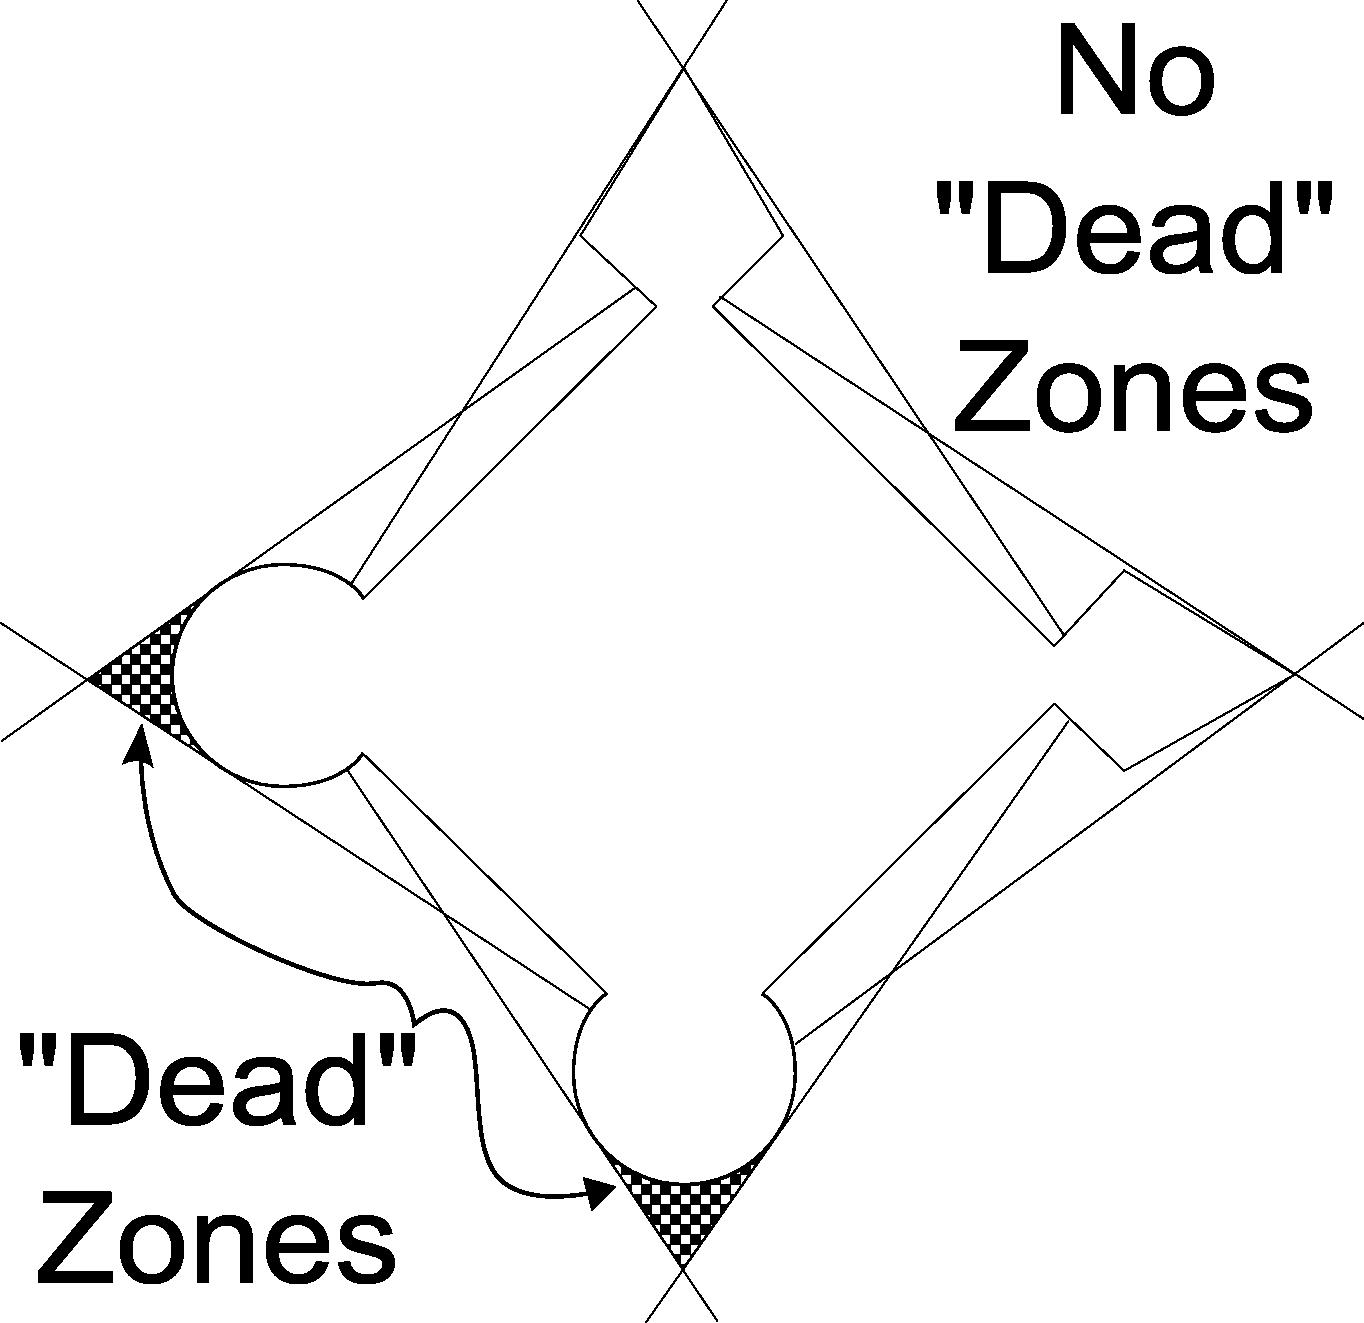 Prinzip des toten Winkels und wie die Form des Bastions sie ausschließt